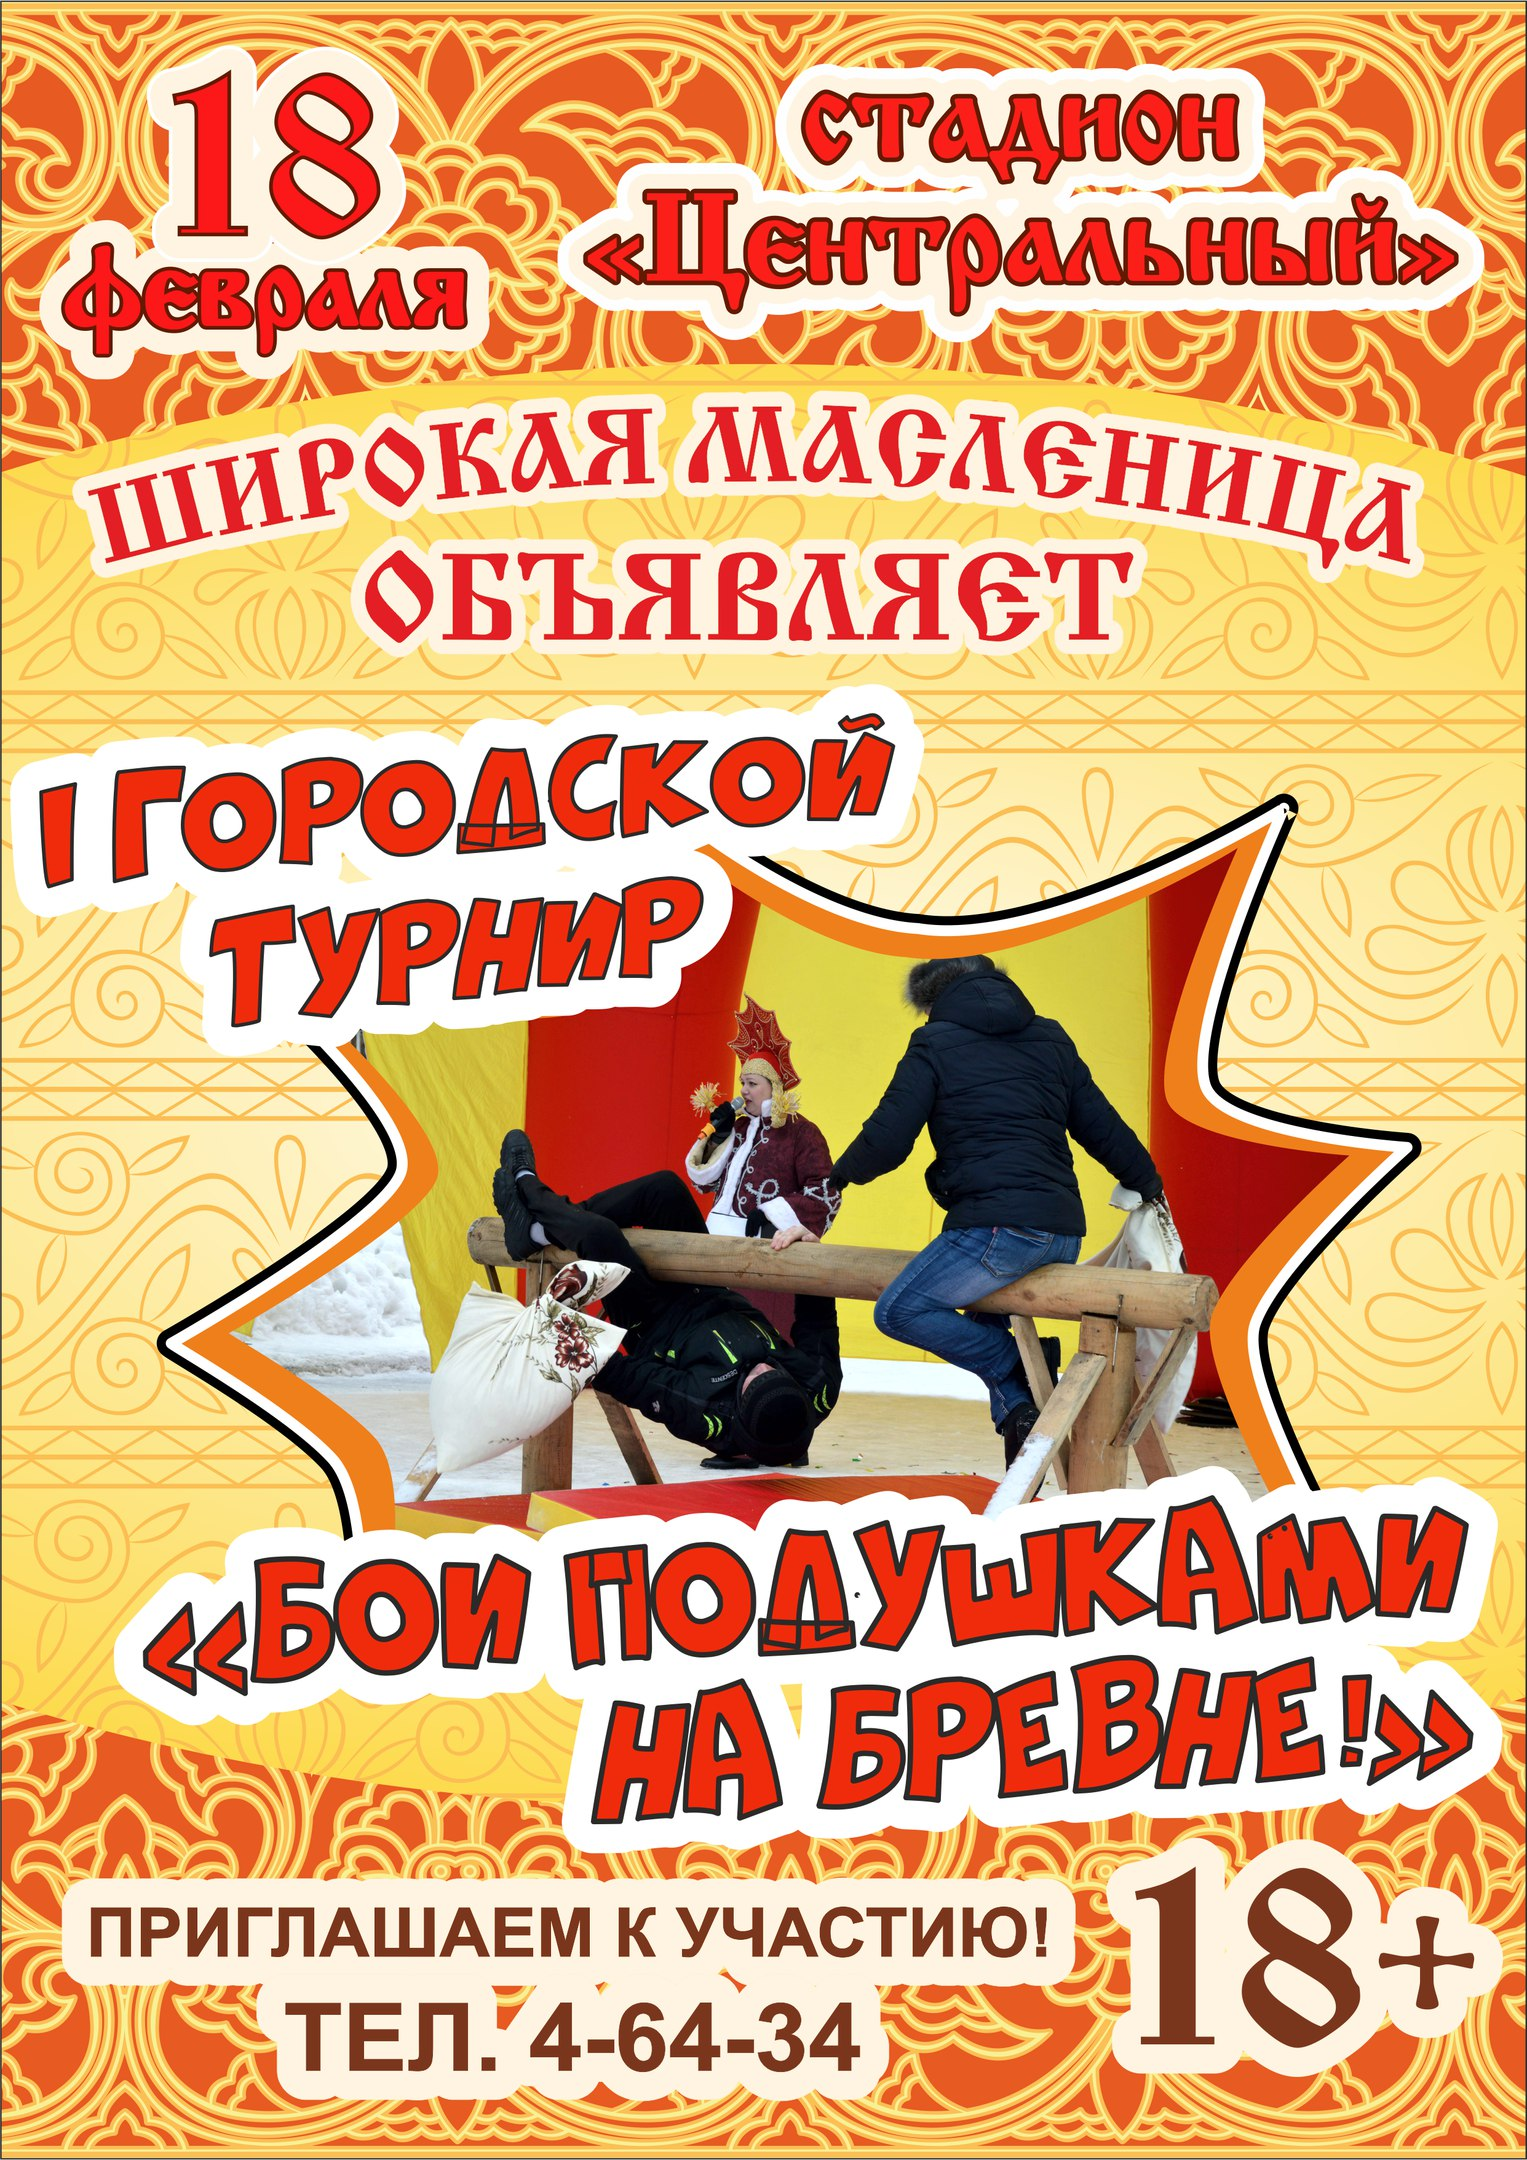 бои на подушках, афиша, Чайковский, 2018 год